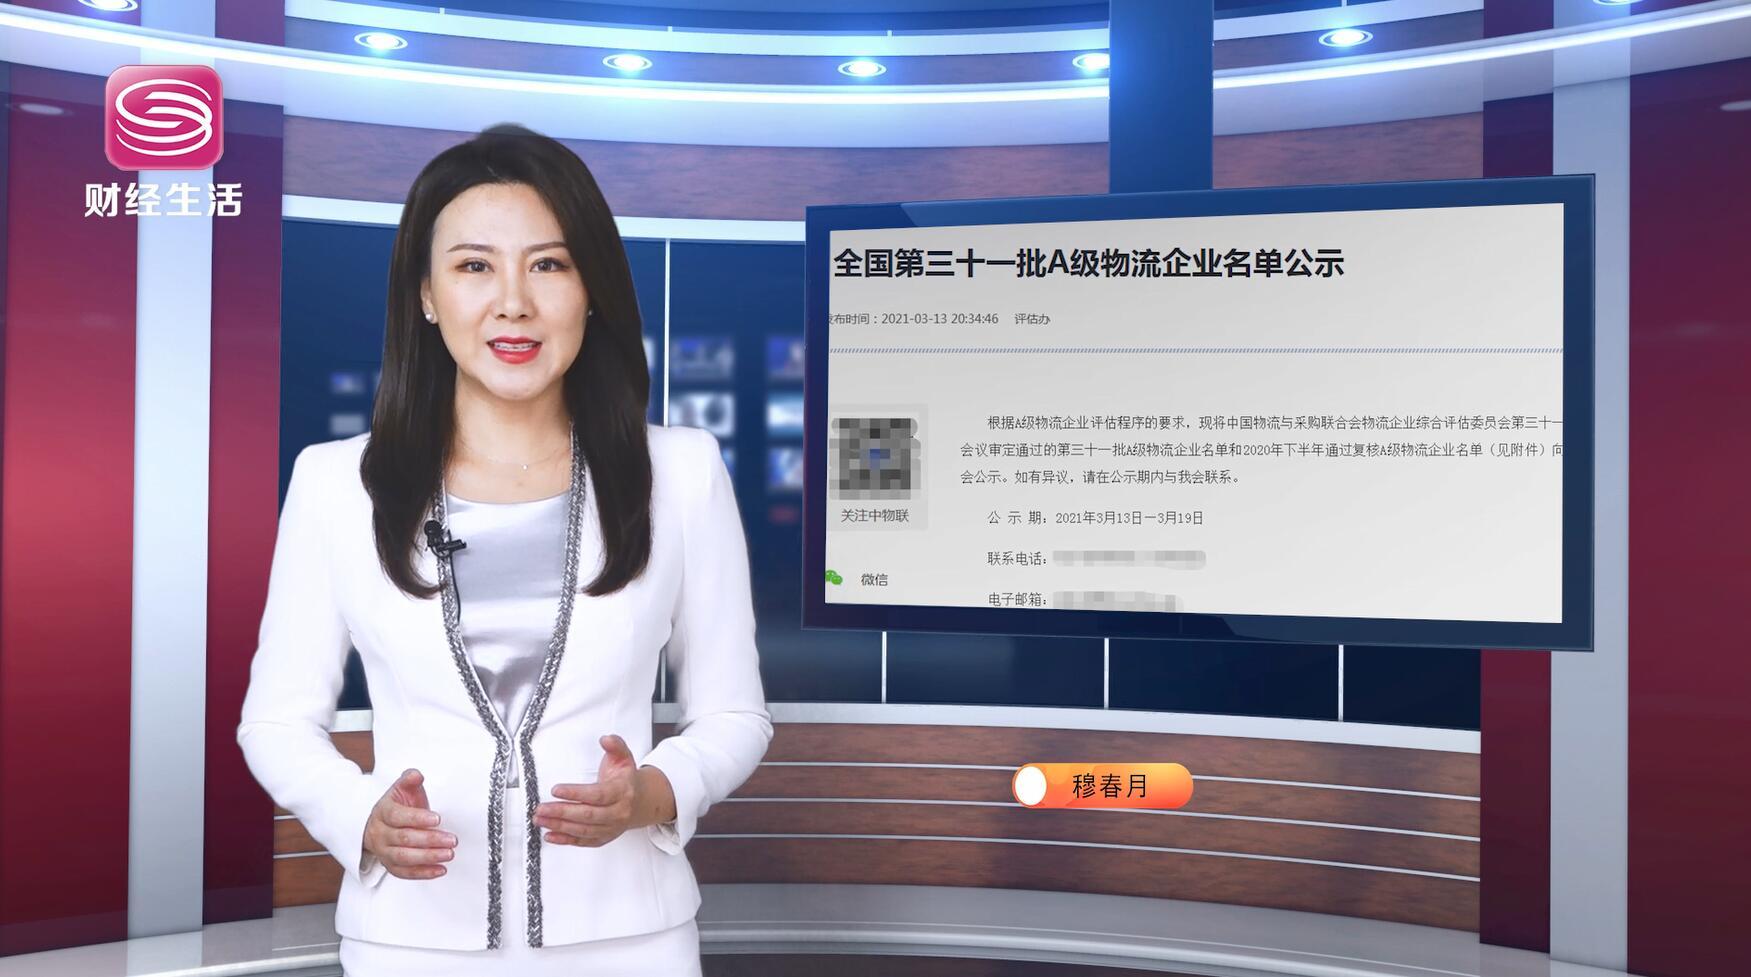 深圳电视台深圳直通车报道—深圳市派格通运货运代理有限公司